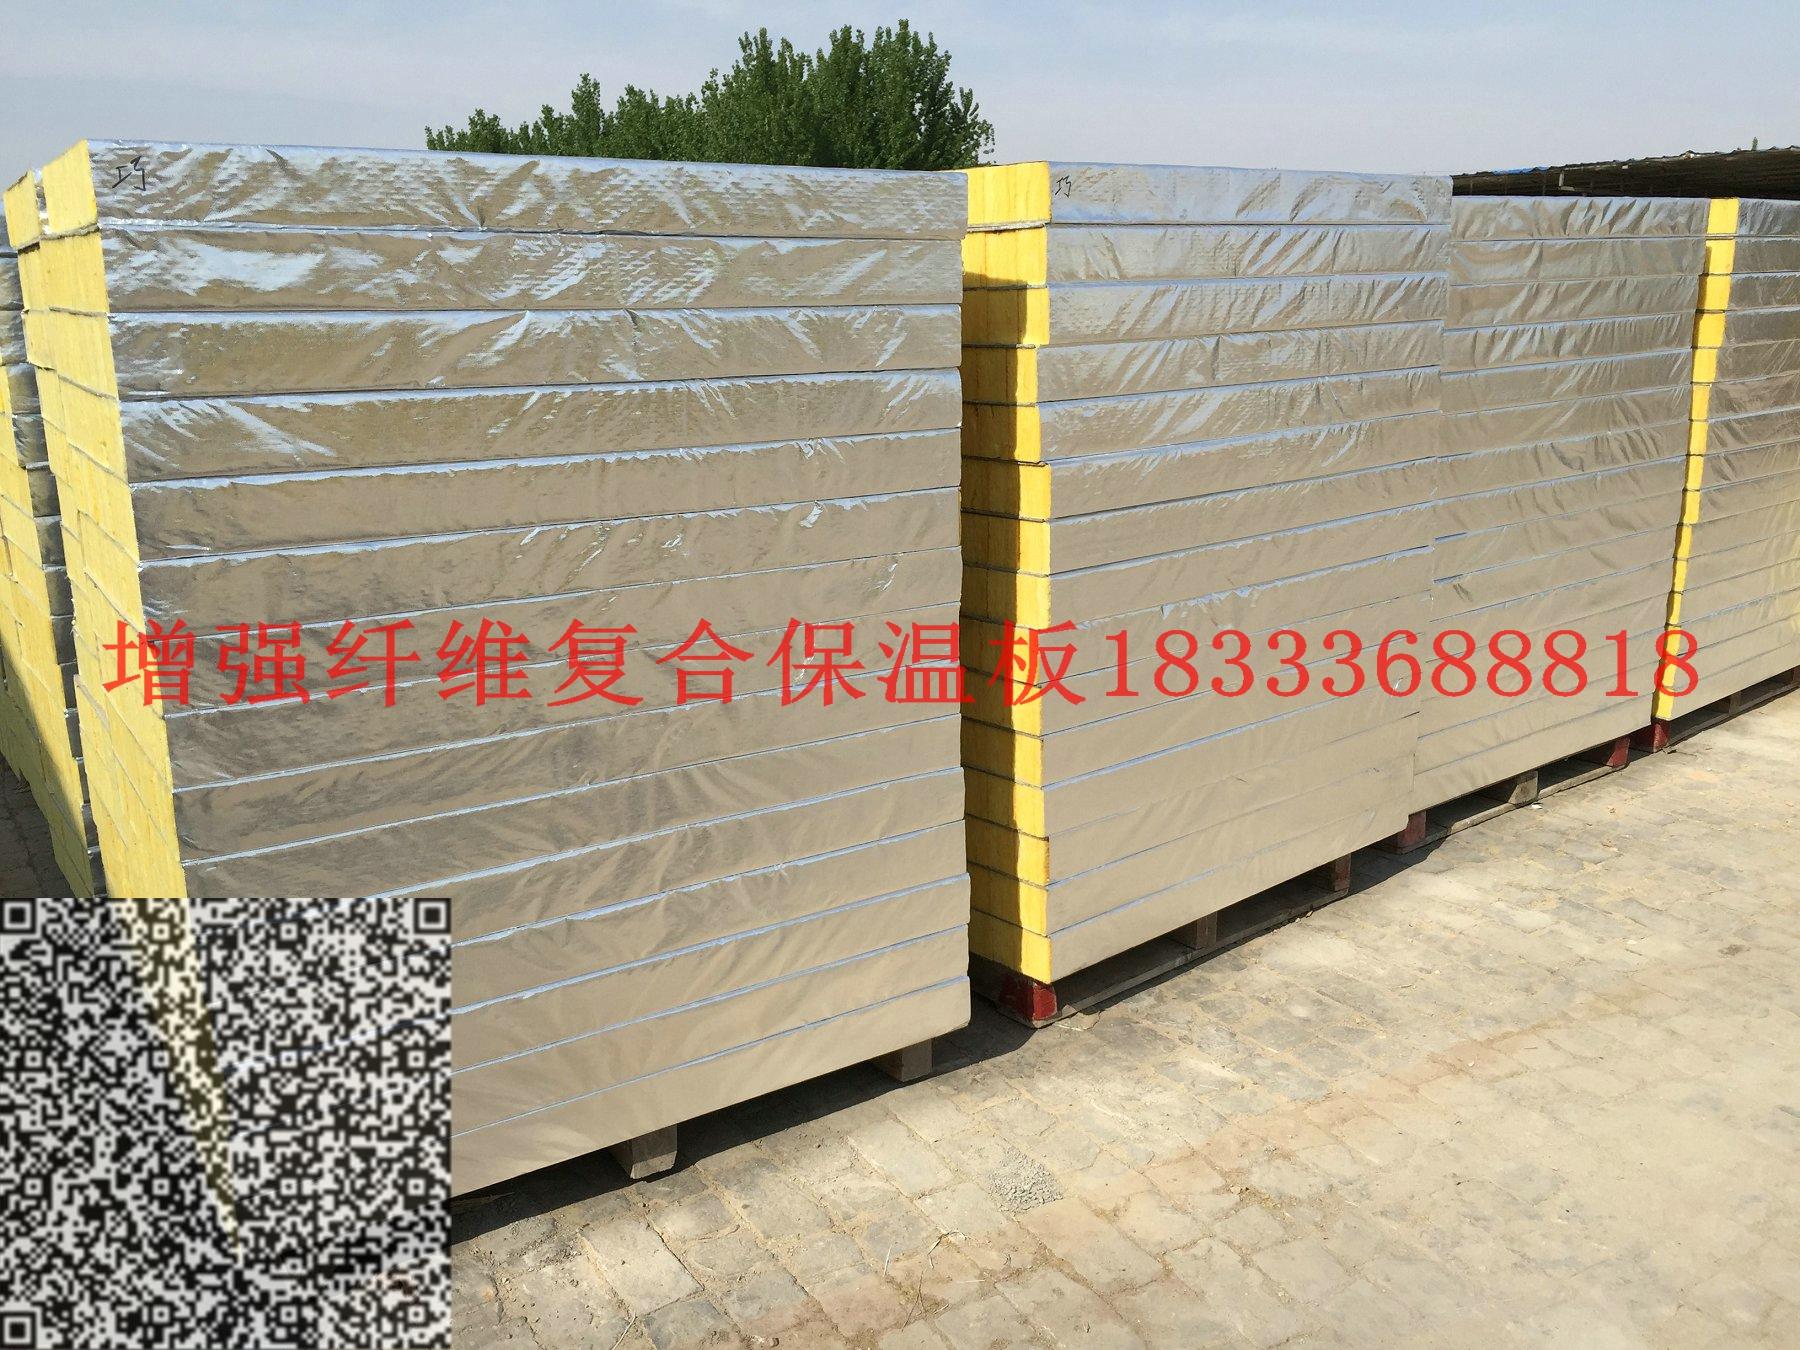 裹覆增强玻璃纤维板厂商chu售|供ying�que豢�bei好的裹覆增强玻璃纤维板